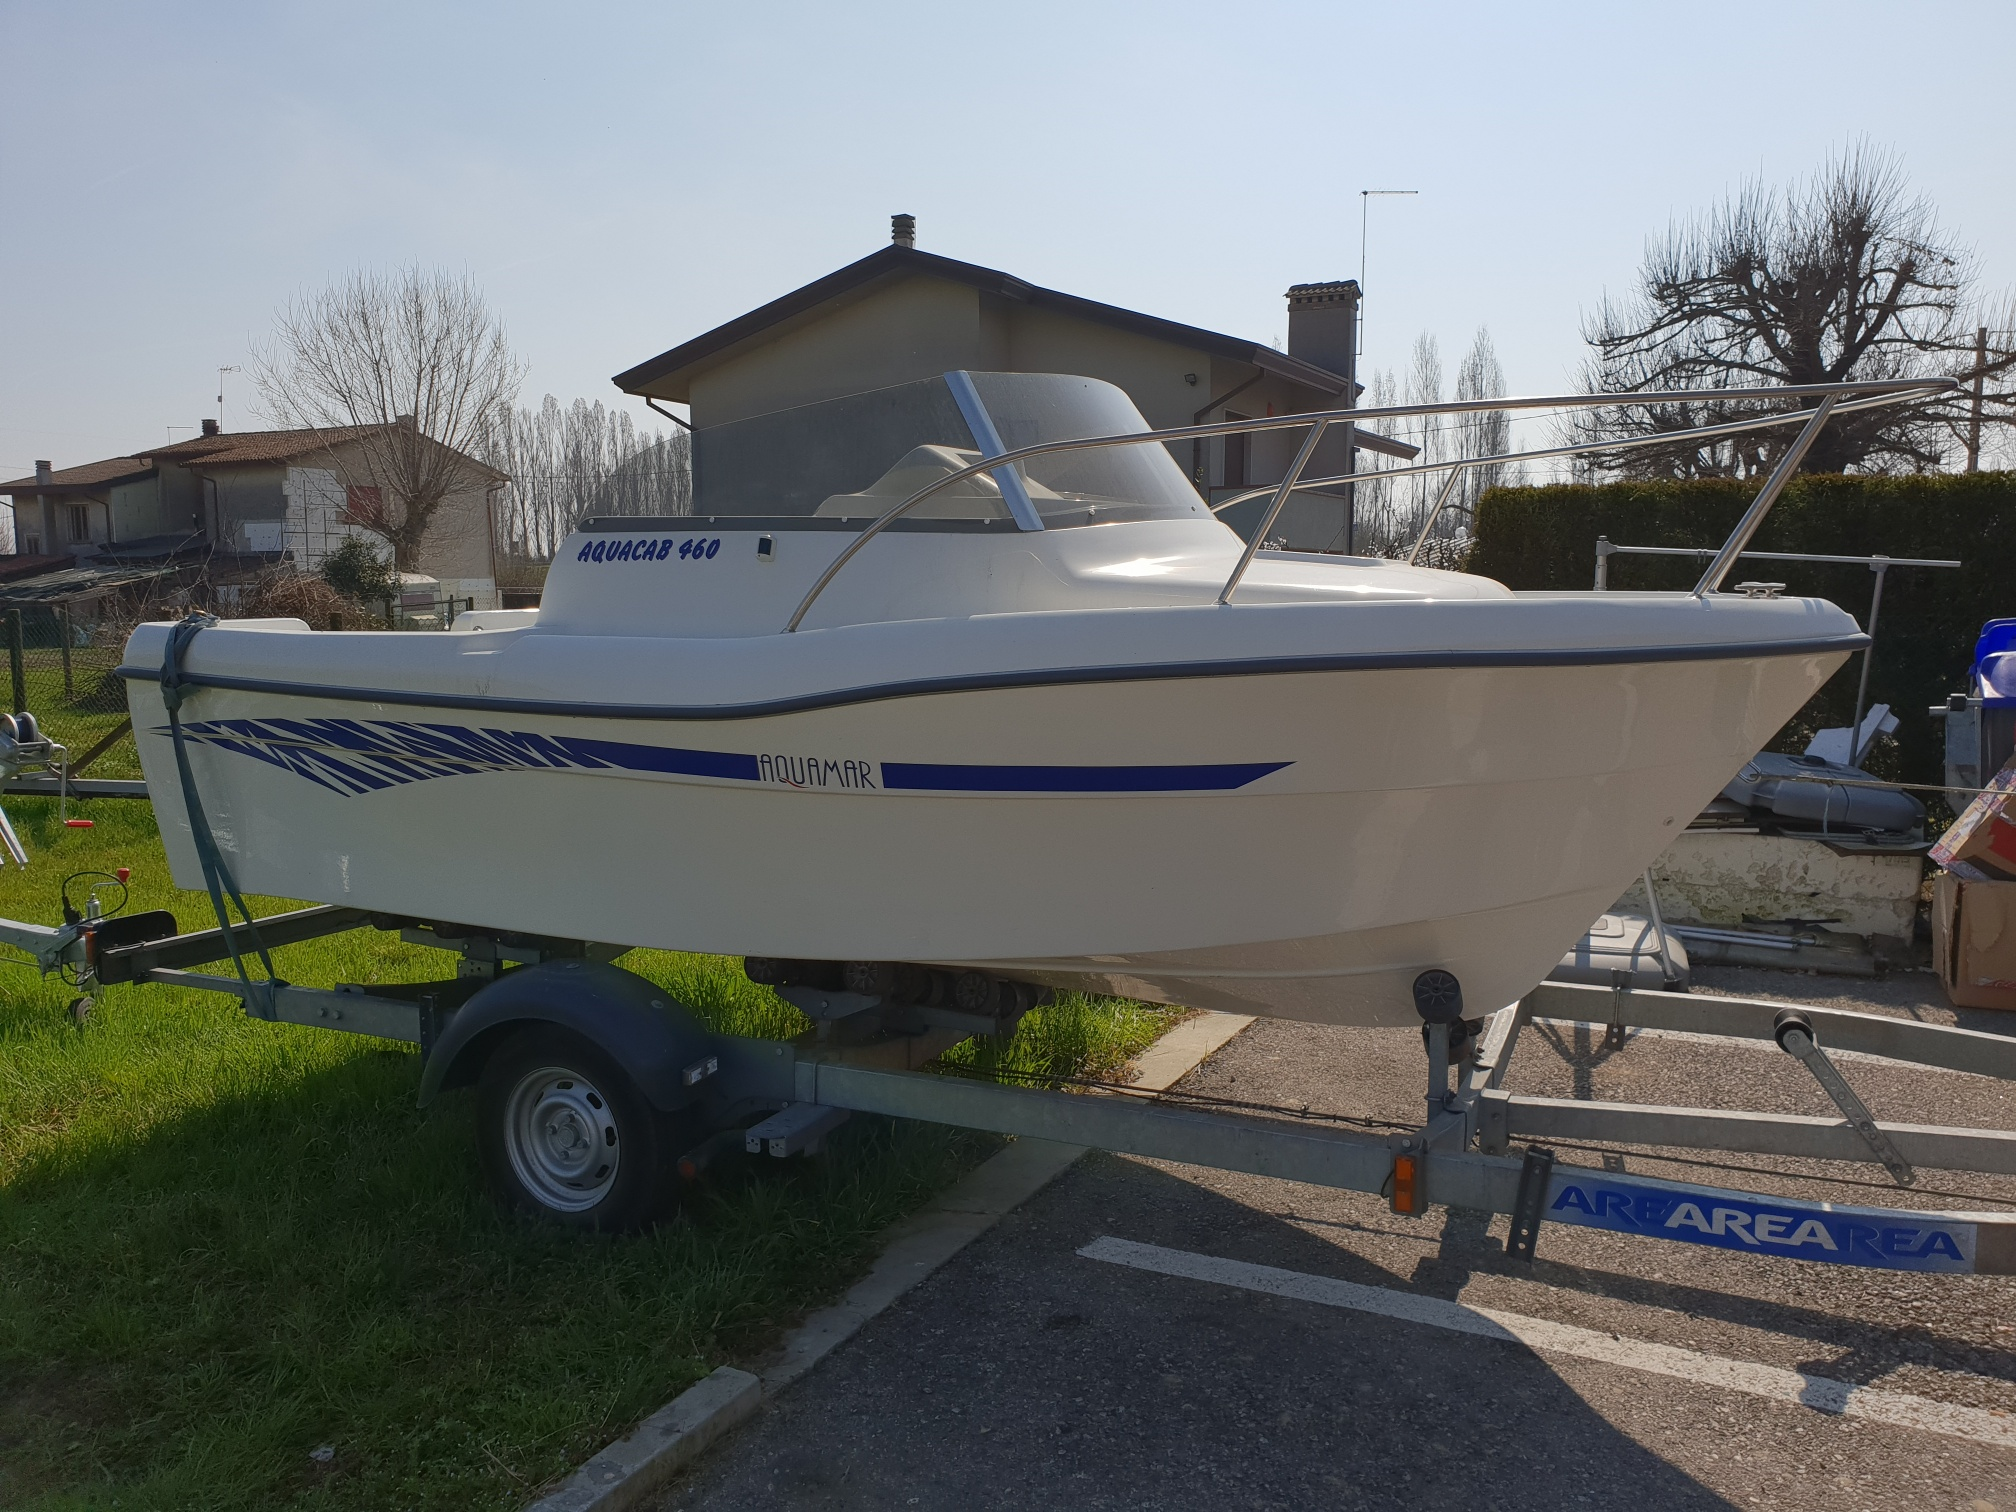 Foto OCCASIONE Barca Cabinato Pesca Aquamar 460 - 1